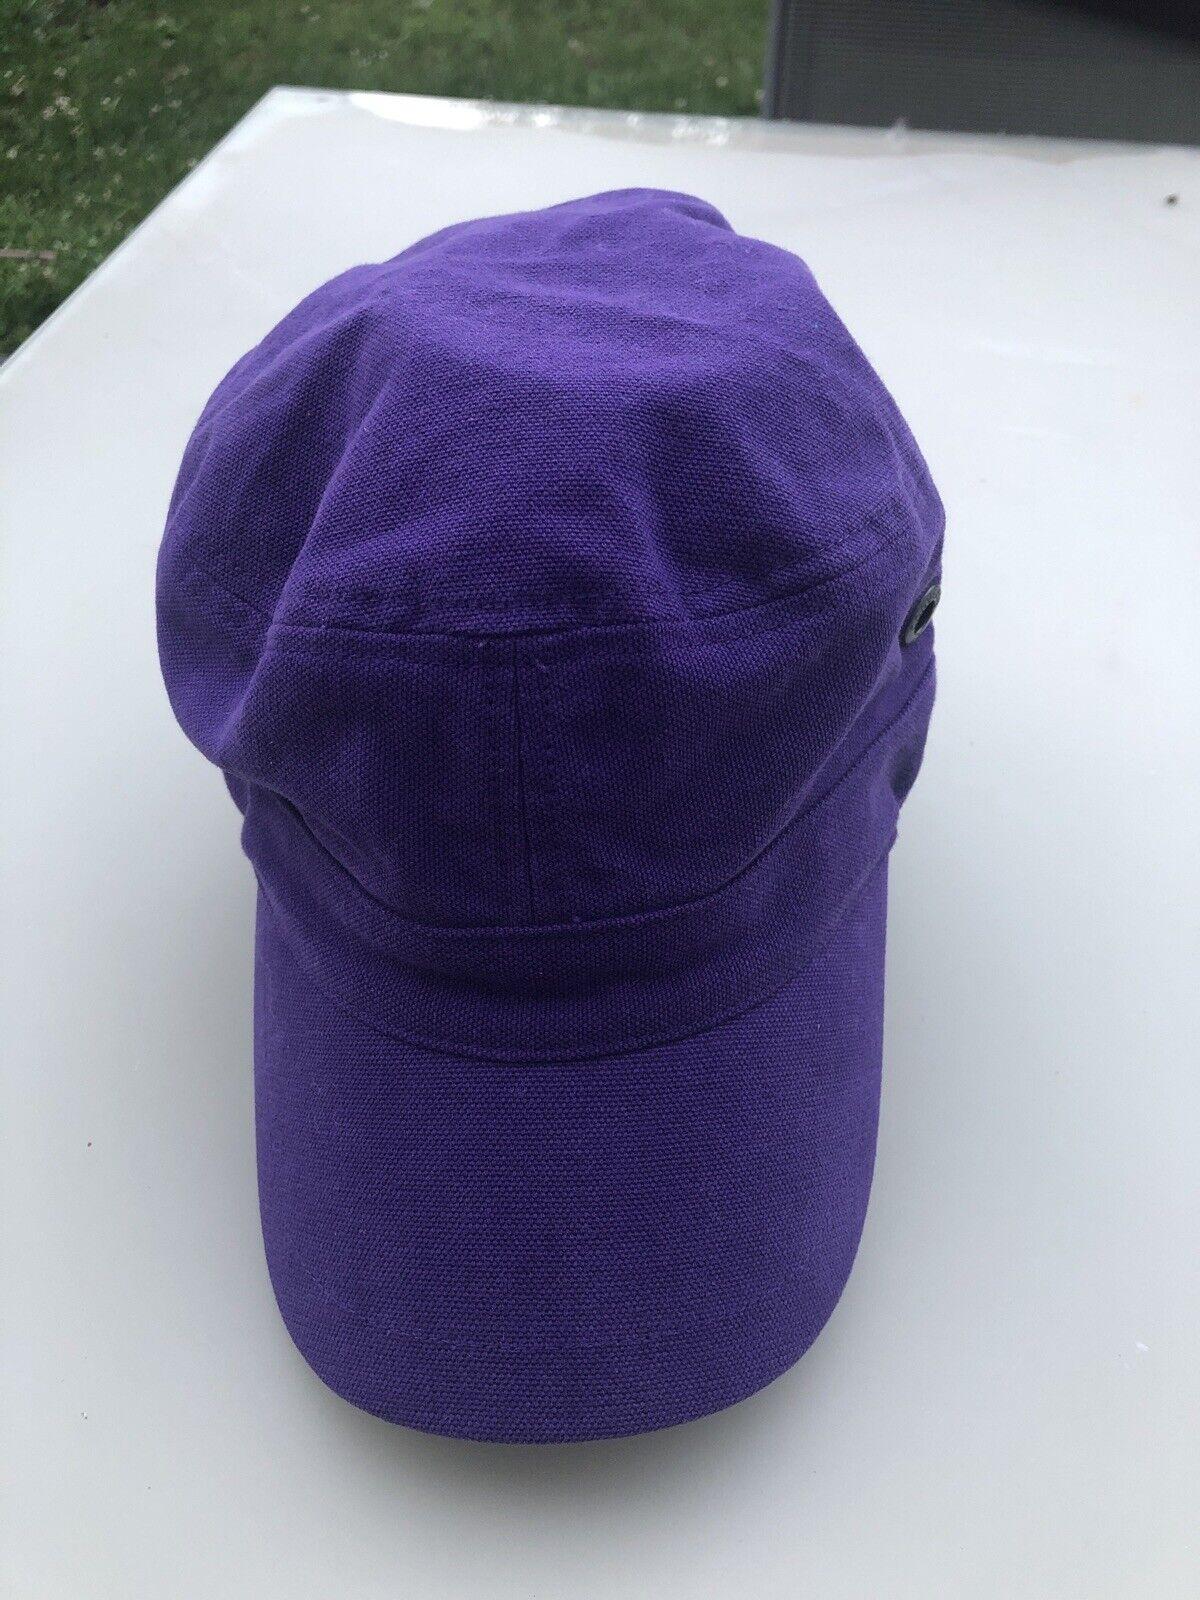 Converse Feldmütze Cap Kappe Lila/Violett Größe M Neu Mit Etikett Unisex